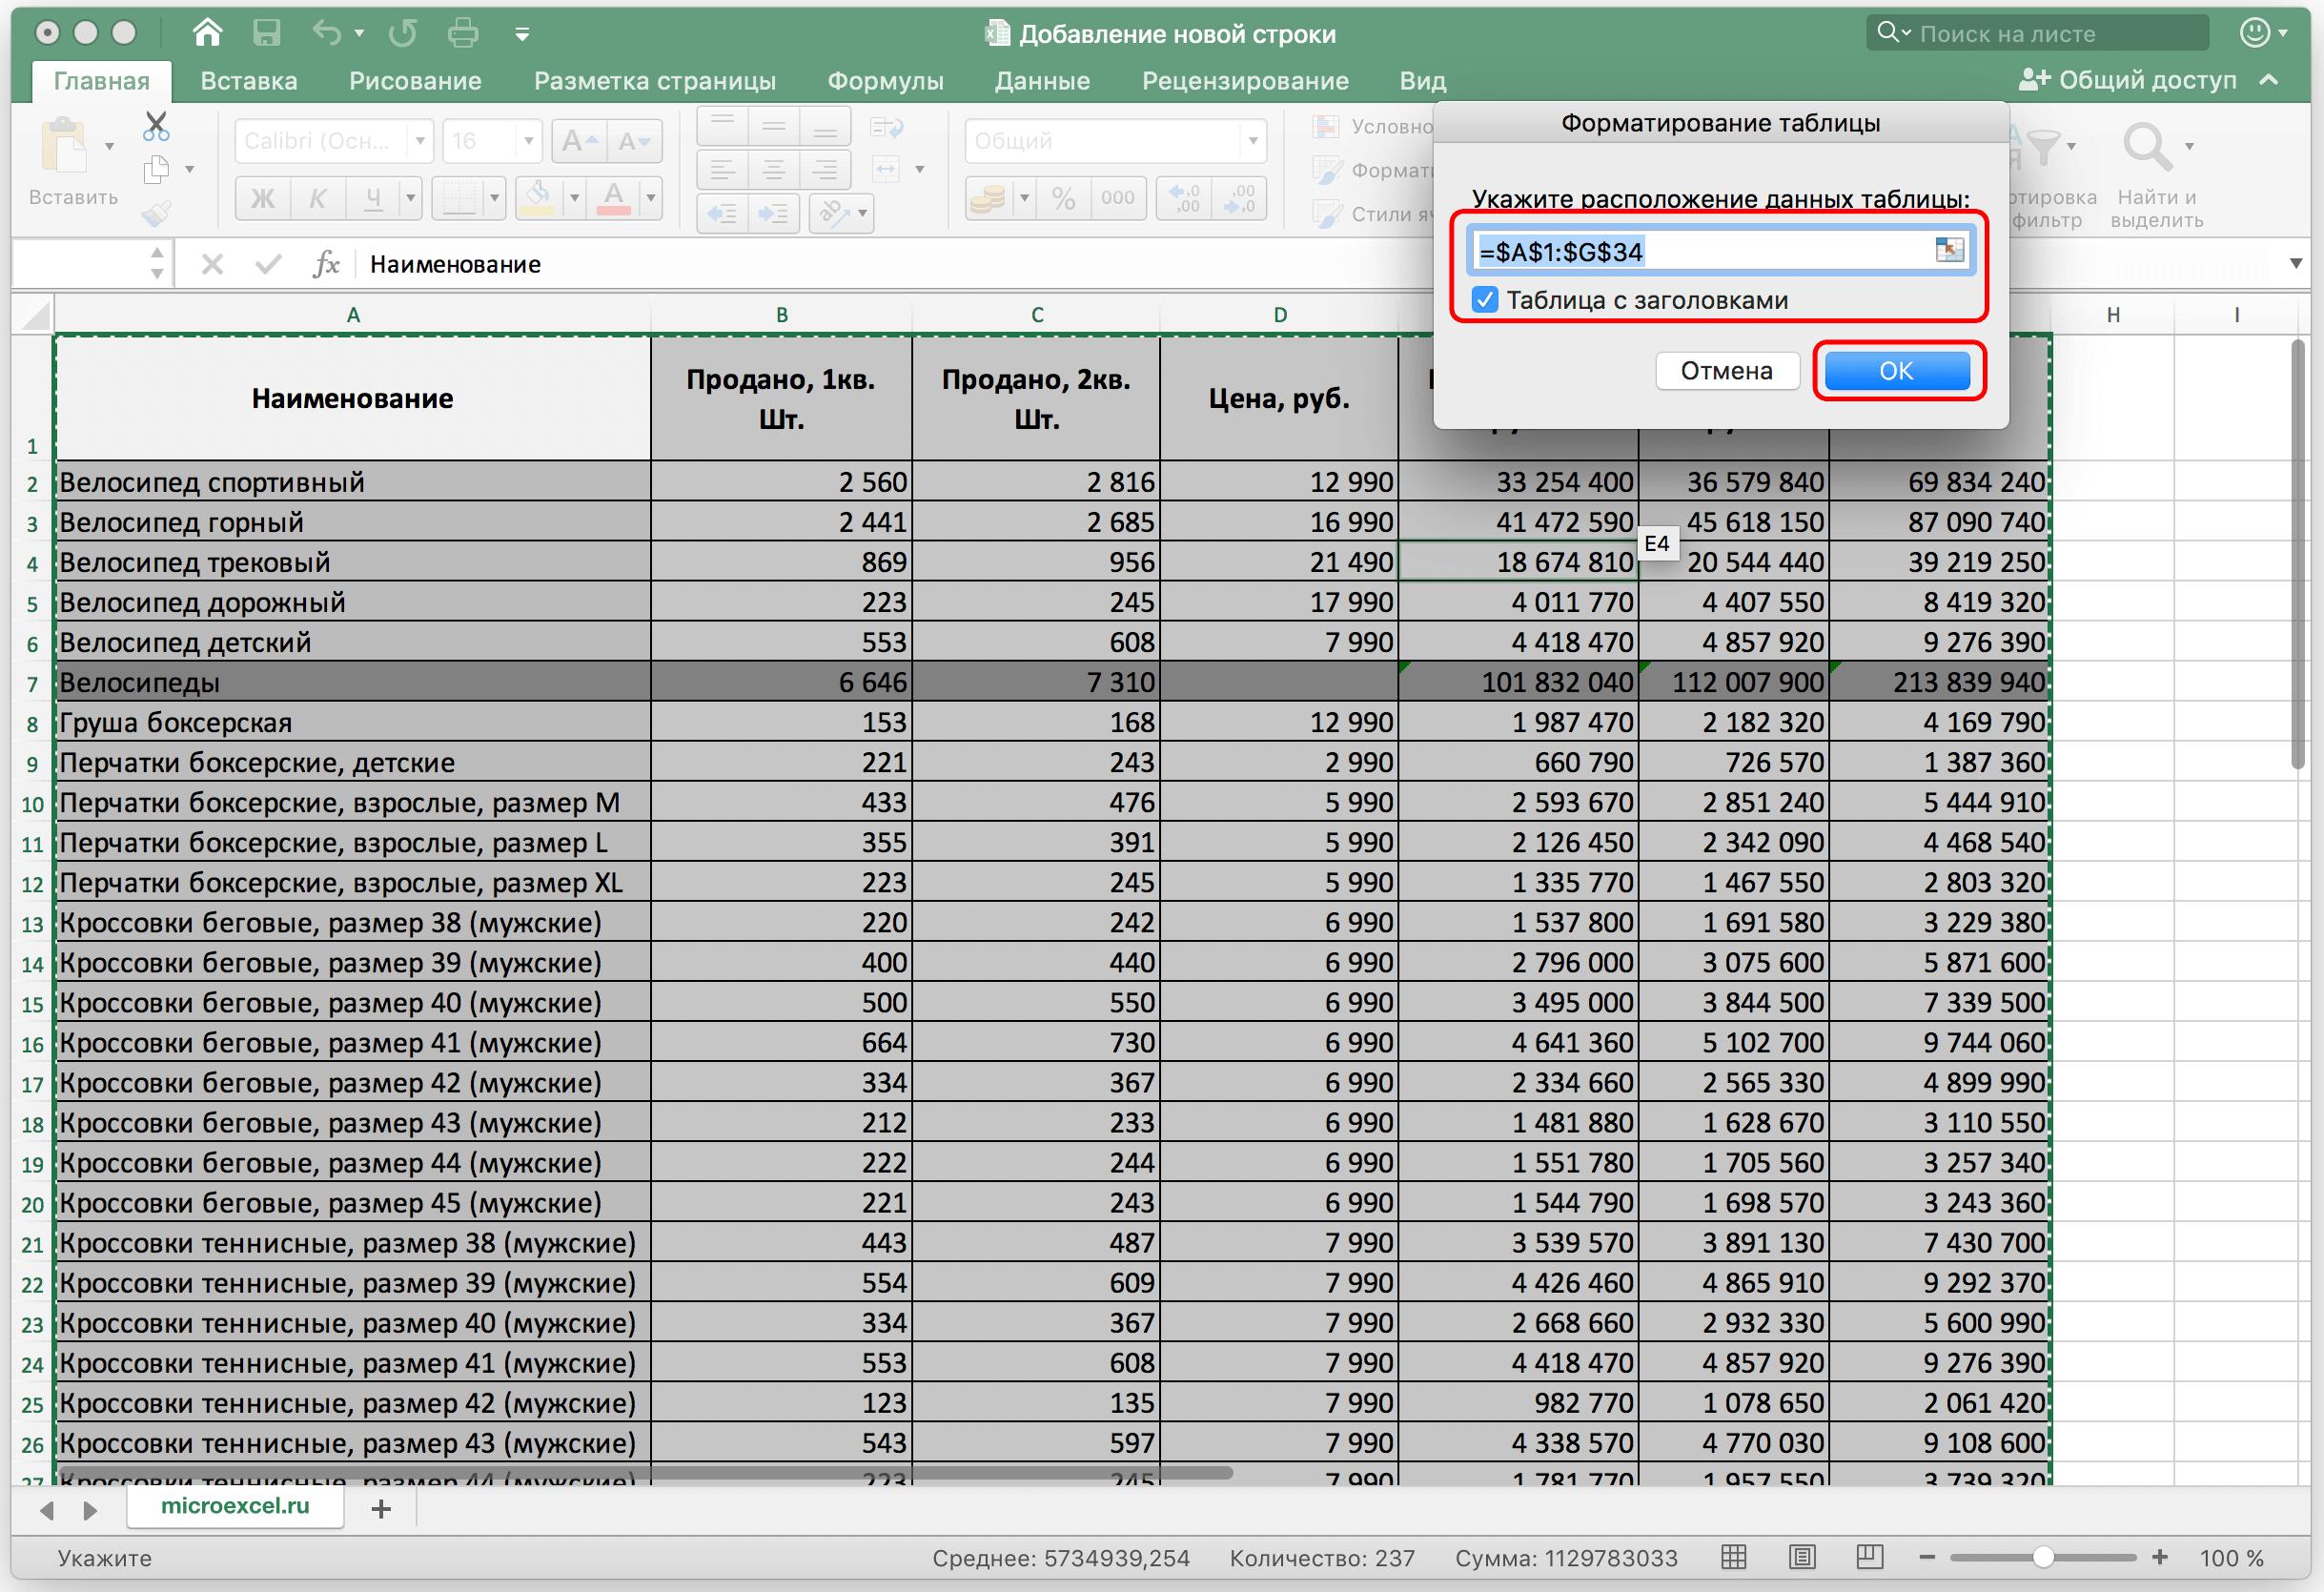 Как добавить новую строку в Excel